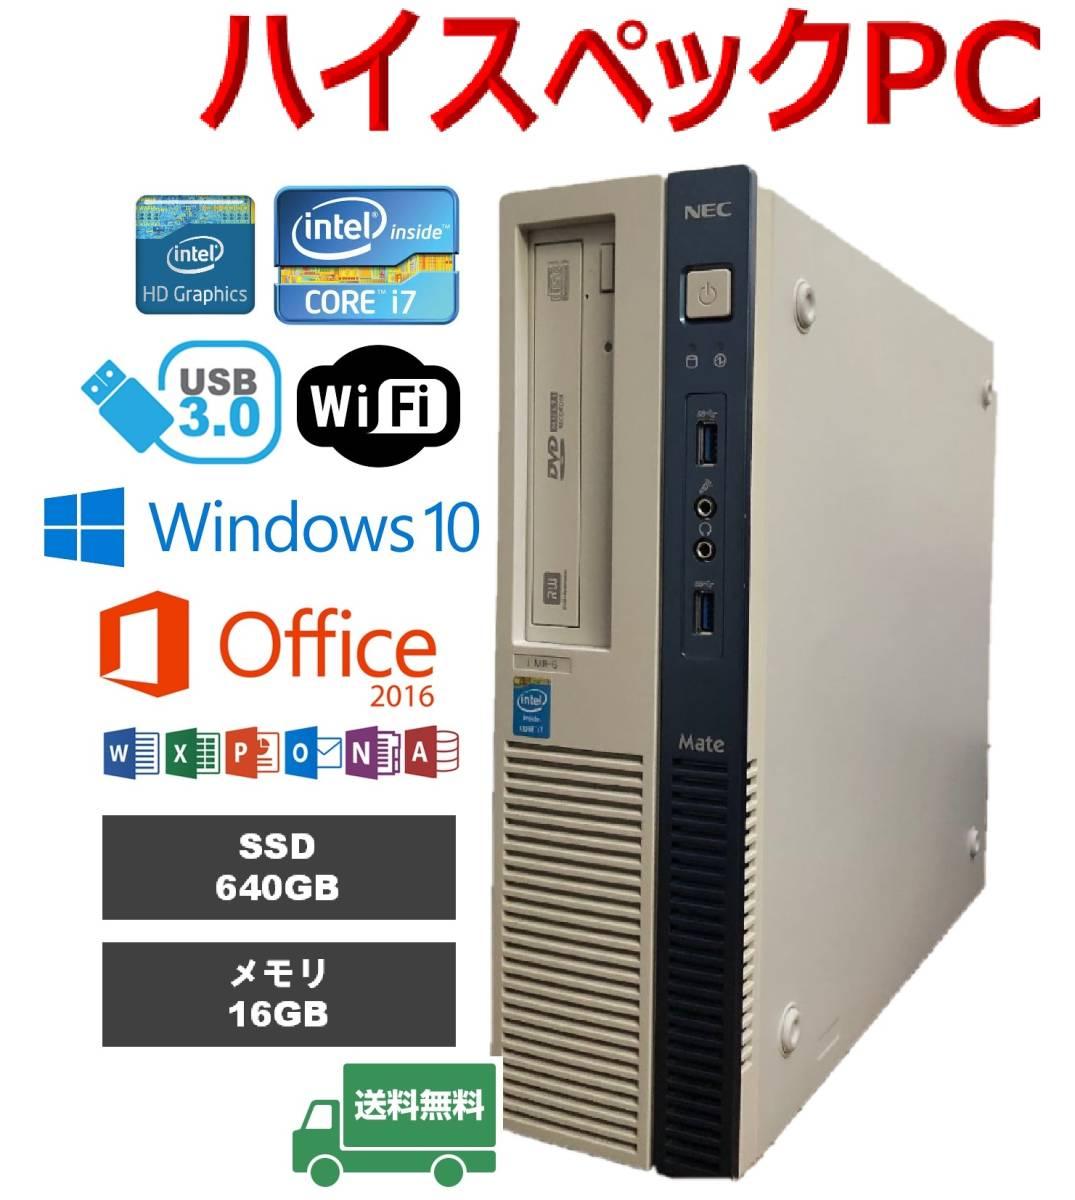 ★NEC PC-MJ34HBZZJSSG★究極 i7-4770 3.9GHz x 8★新品SSD640GB★メモリ16GB★無線LAN★